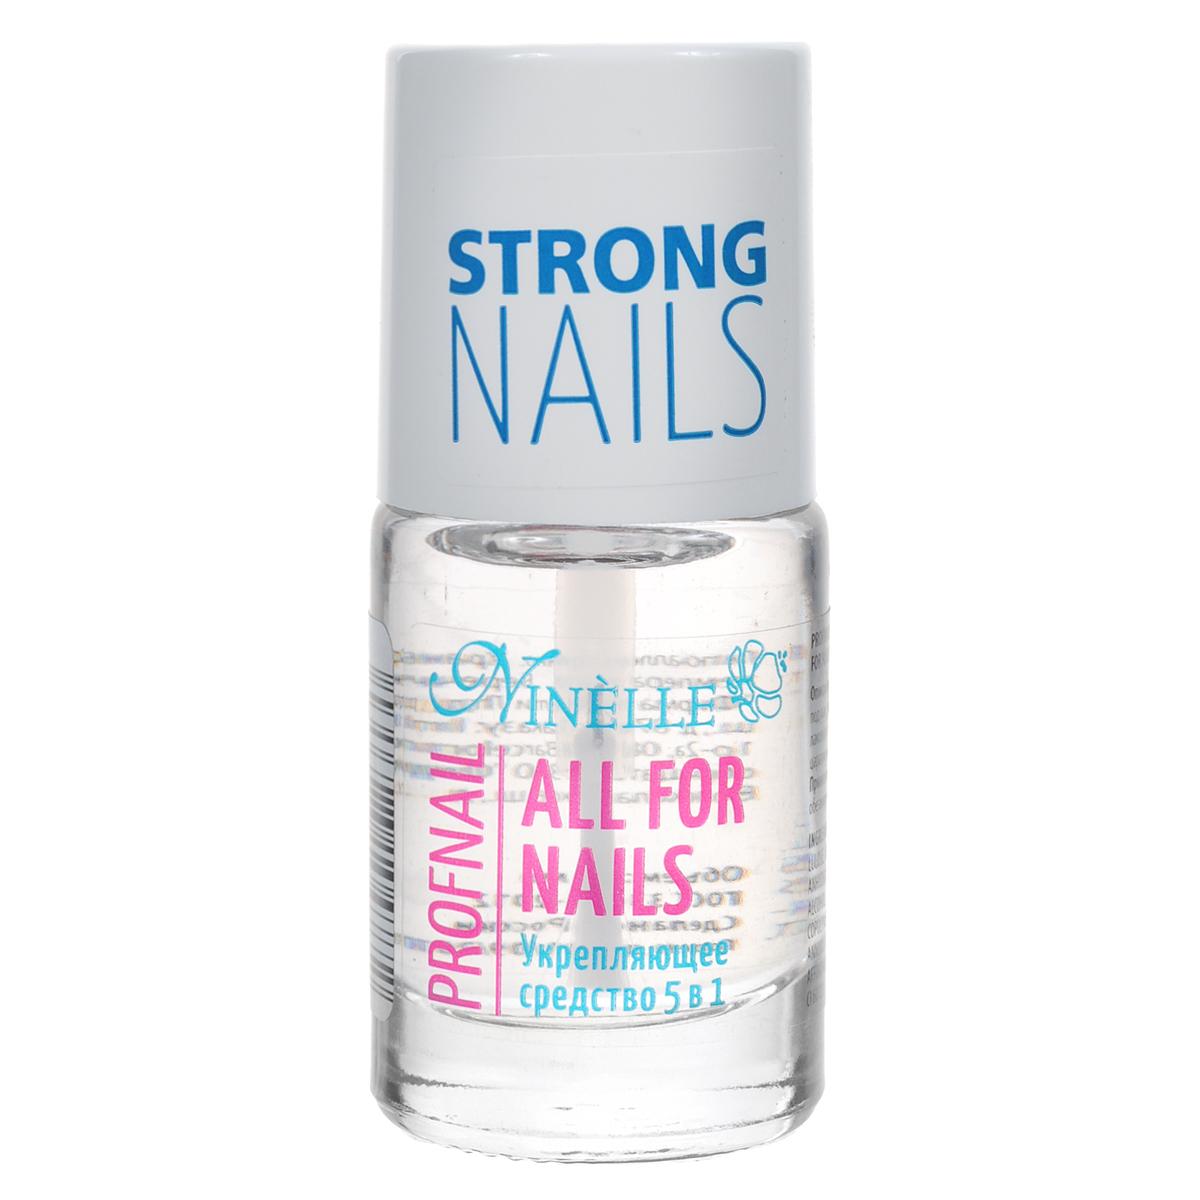 Ninelle Укрепляющее средство для ногтей 5 в 1 All For Nails, 11 мл768N10477Обладая укрепляющими свойствами, может использоваться как база под лак и как верхнее защитное покрытие. Помогает решить проблему слоящихся ногтей. Экстракт овса и алоэ вера защищают ноготь от вредного воздействия внешней среды и бытовой химии. Фиксирует декоративный лак, исключая возможность быстрого отслоения и потрескивания. В качестве закрепителя сохраняет кристальный блеск и предохраняет от выцветания. Товар сертифицирован.